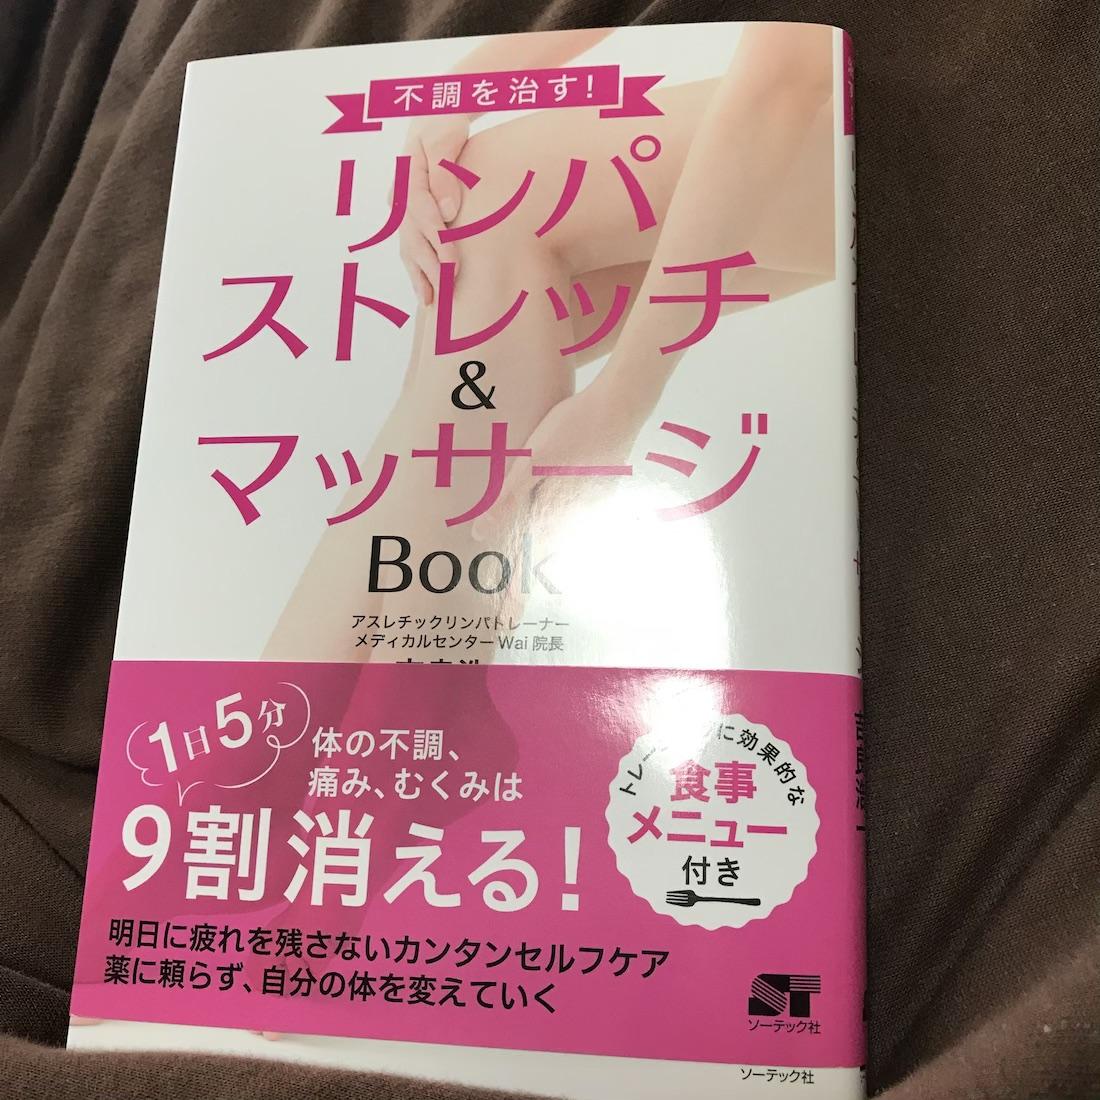 Lymph book